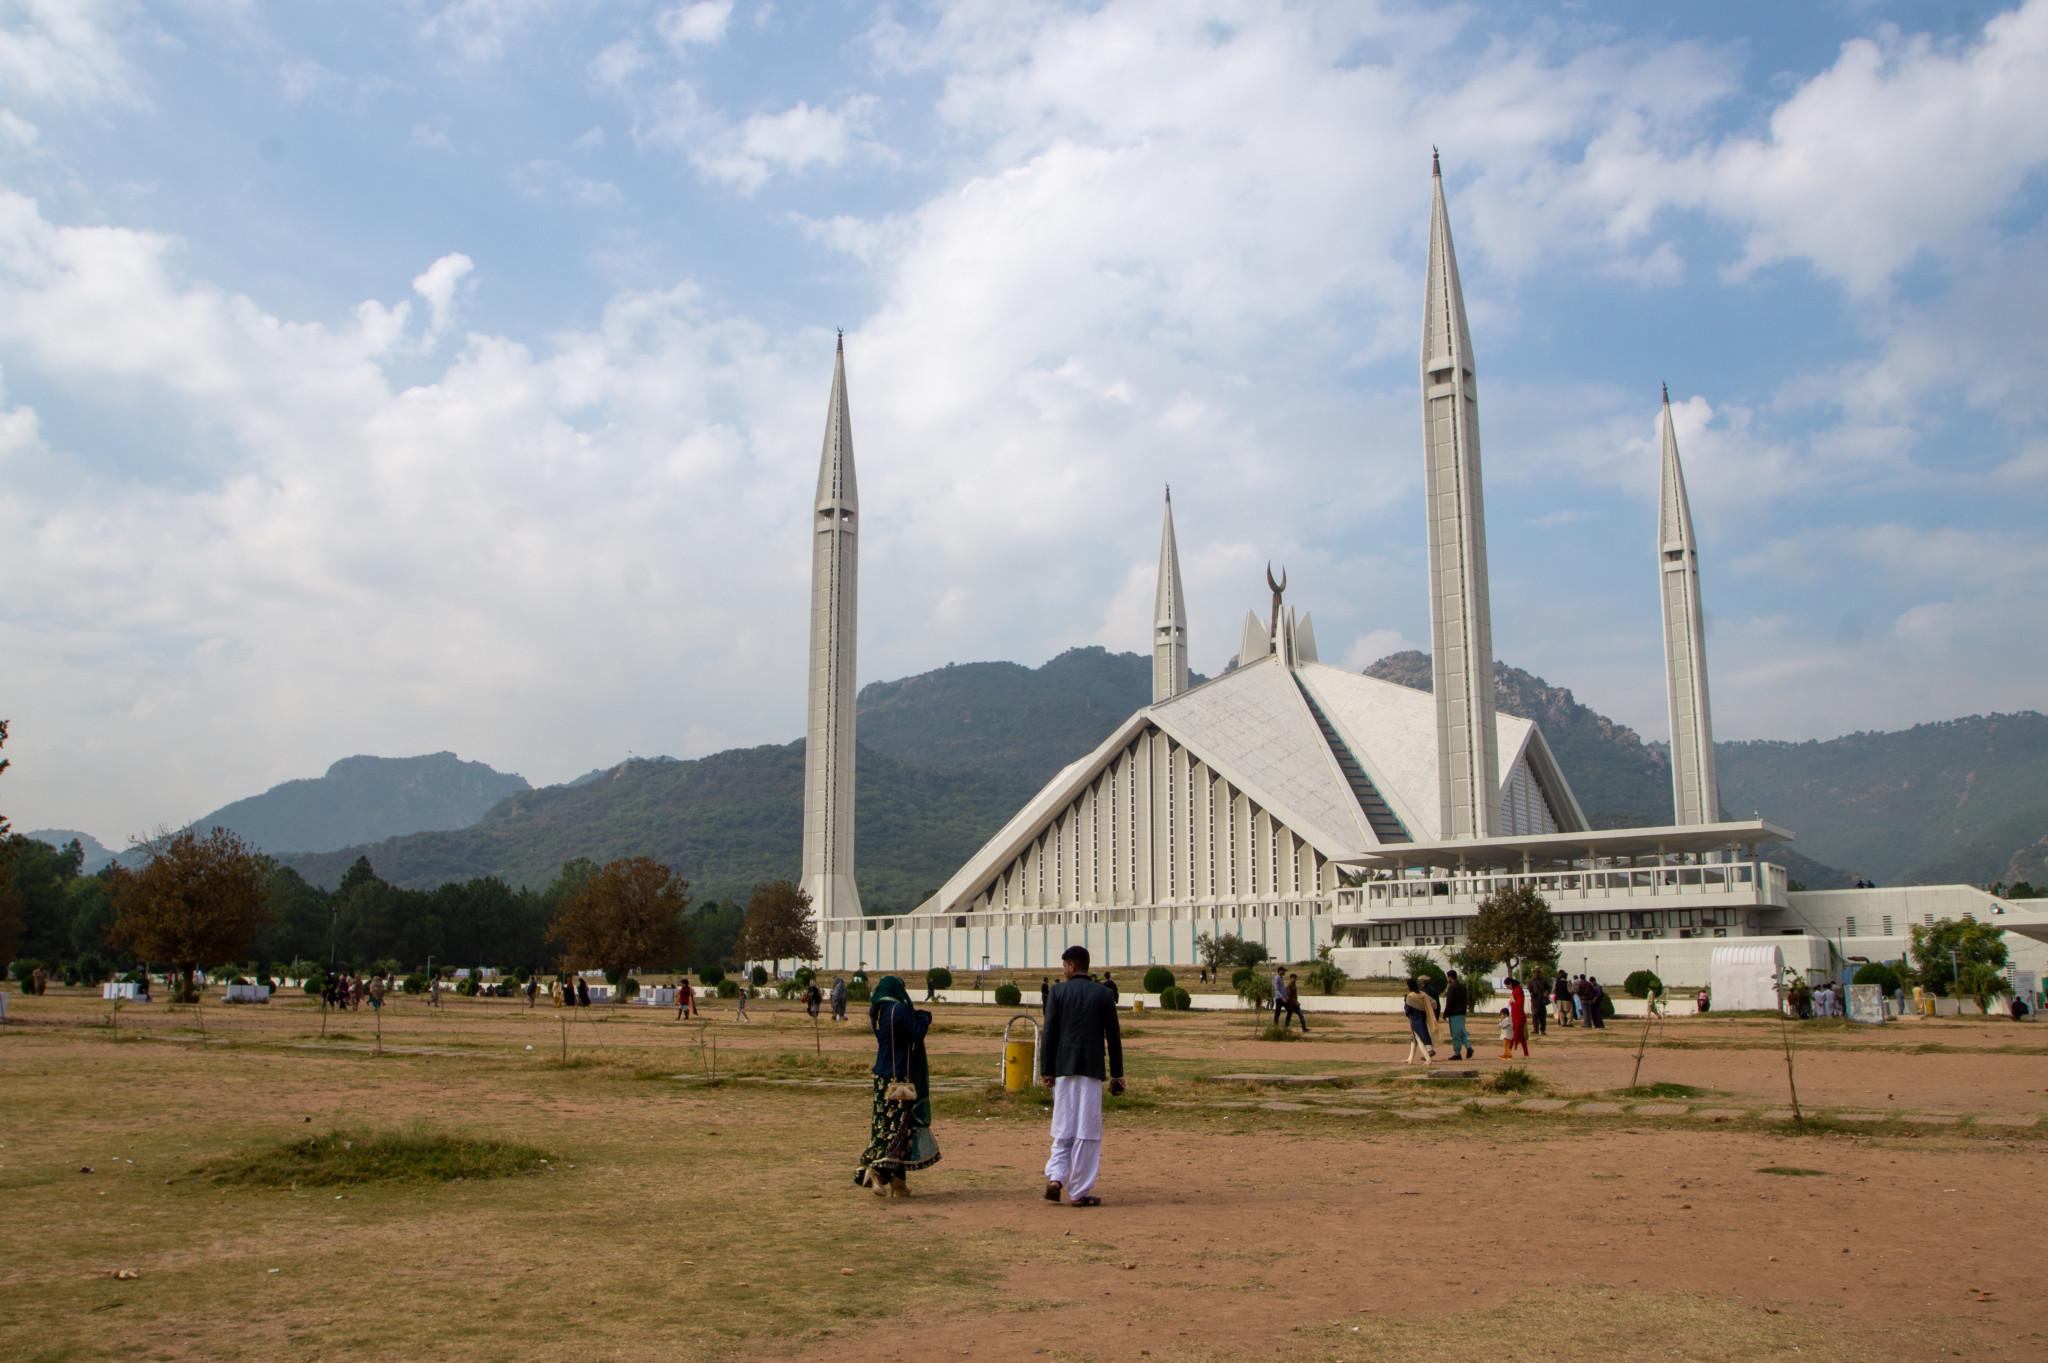 Zu den Sehenswürdigkeiten in Islamabad gehört definitiv die Faisal Moschee